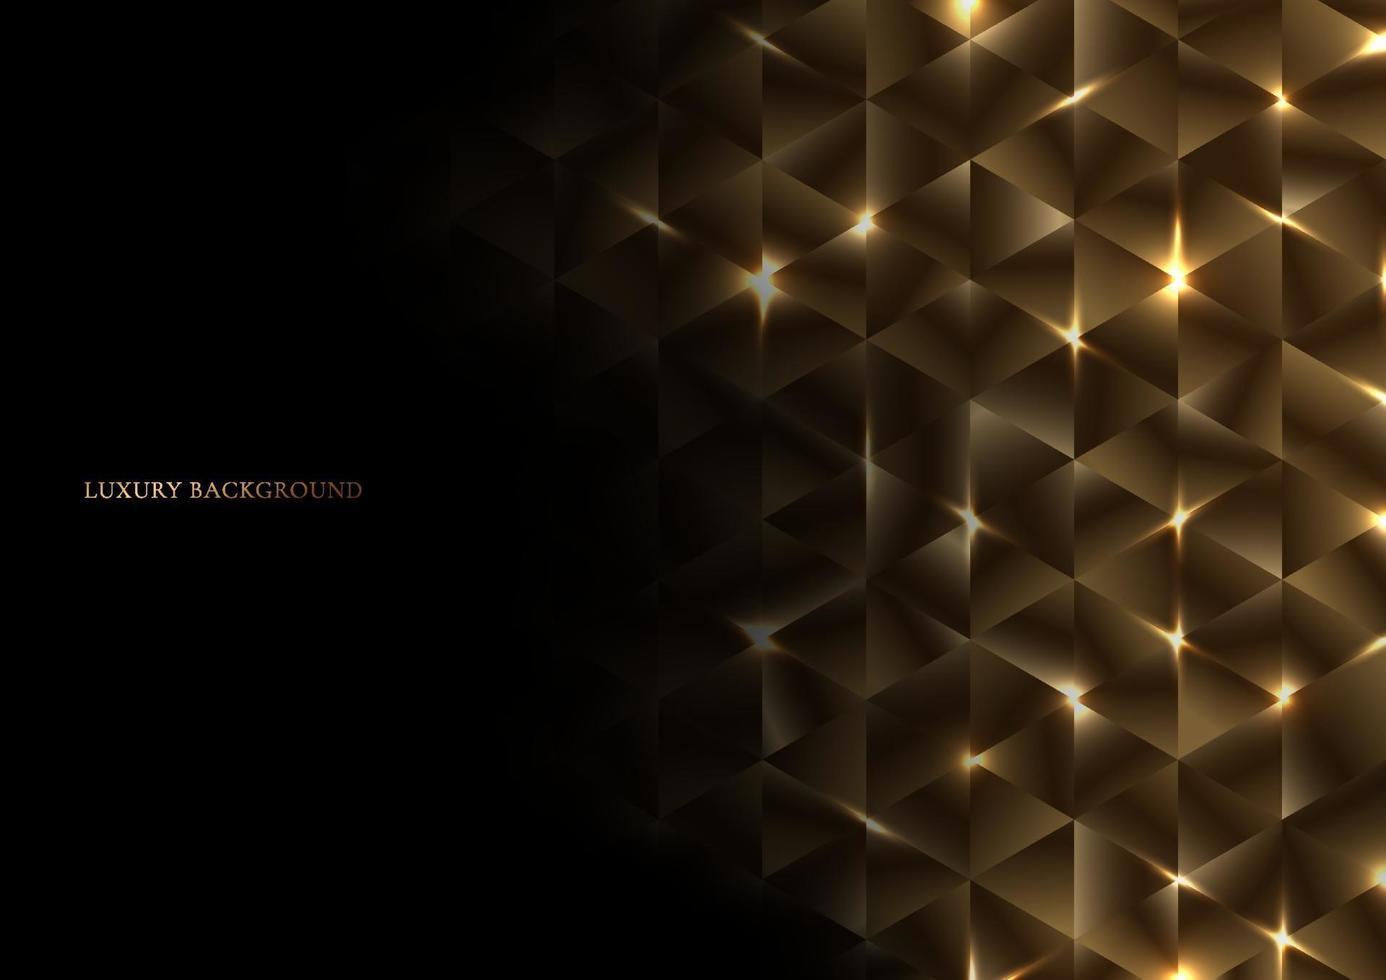 abstrakt guld geometrisk triangel form lyxmönster med belysning på svart bakgrund vektor